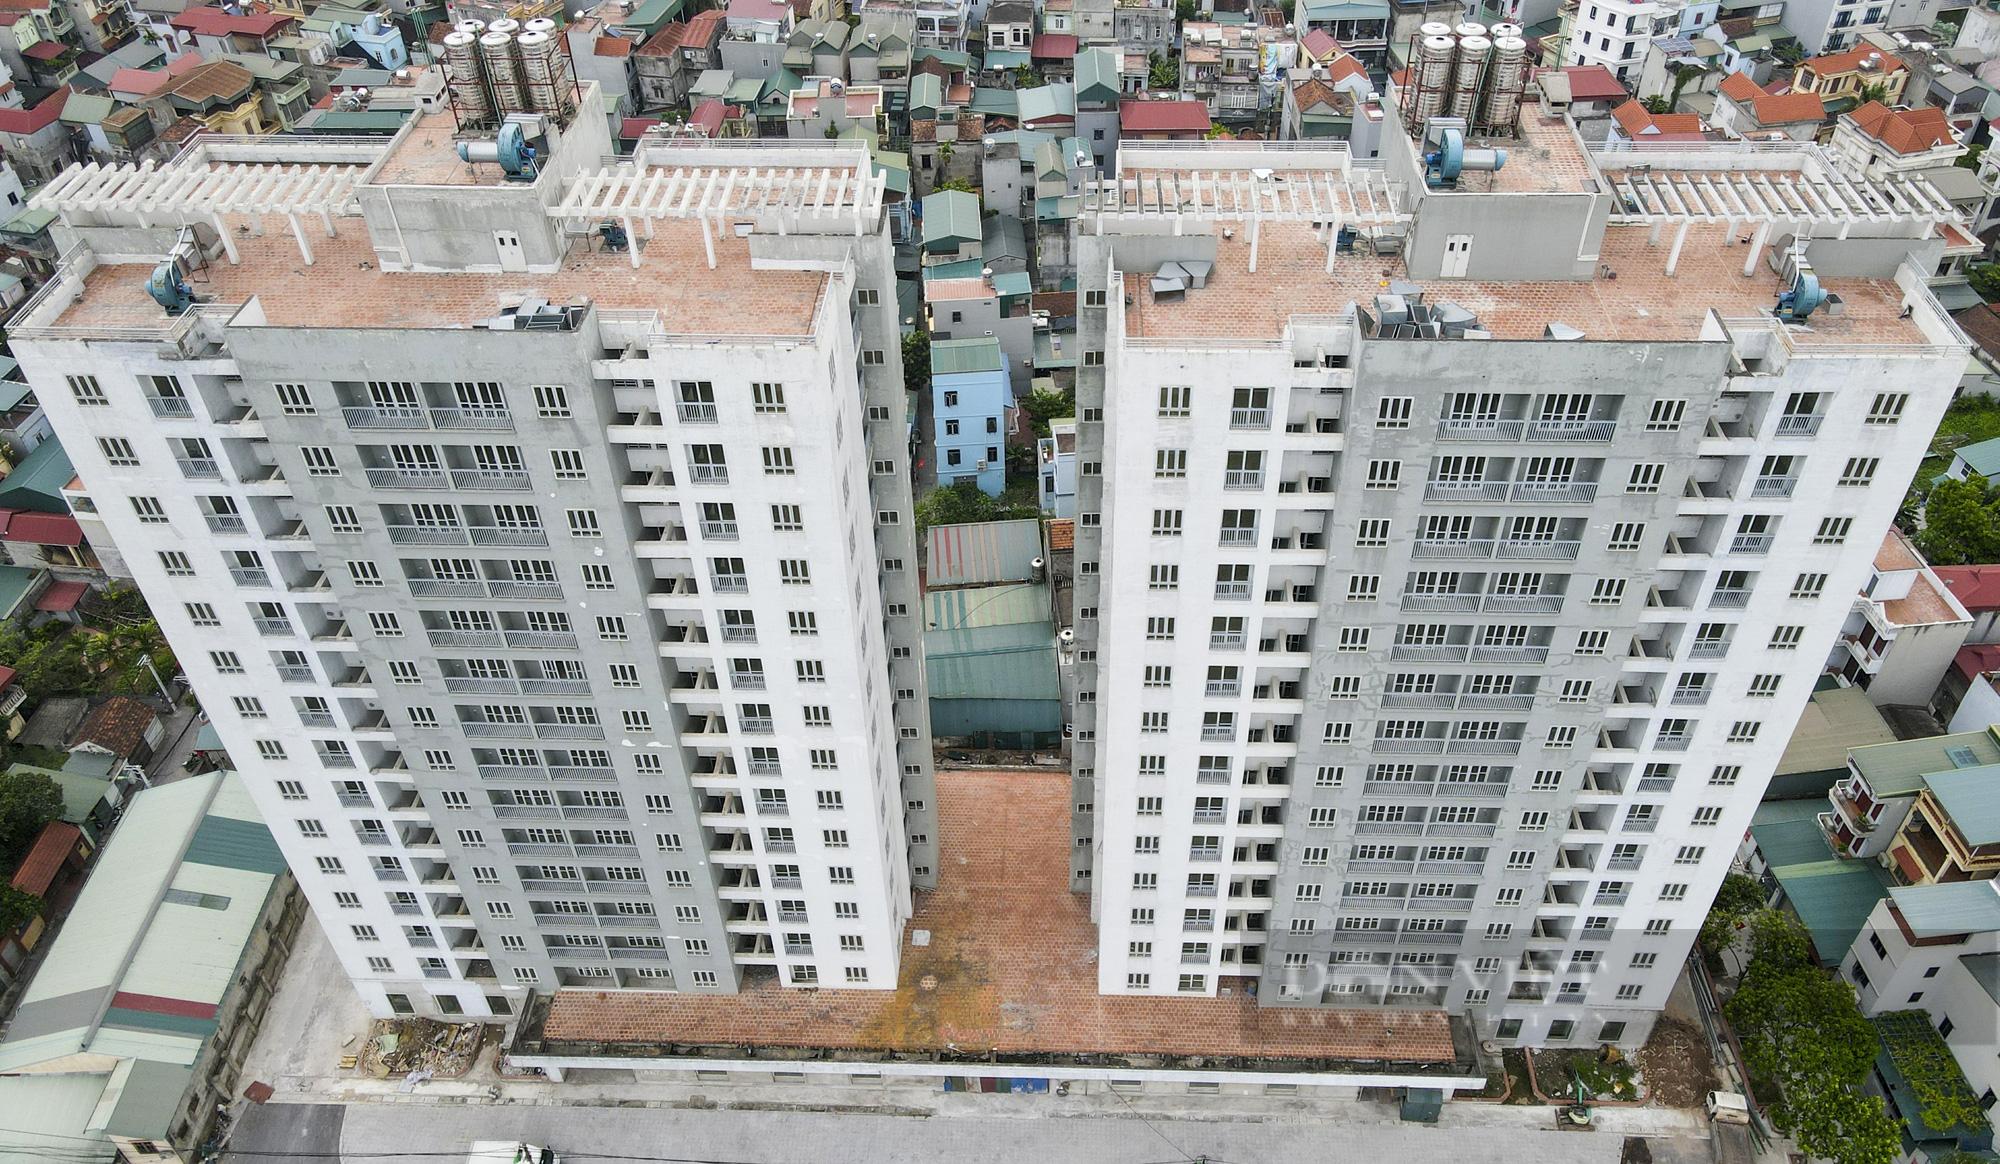 Điểm qua các khu nhà tái định cư được trưng dụng là bệnh viện dã chiến tại Hà Nội - Ảnh 13.